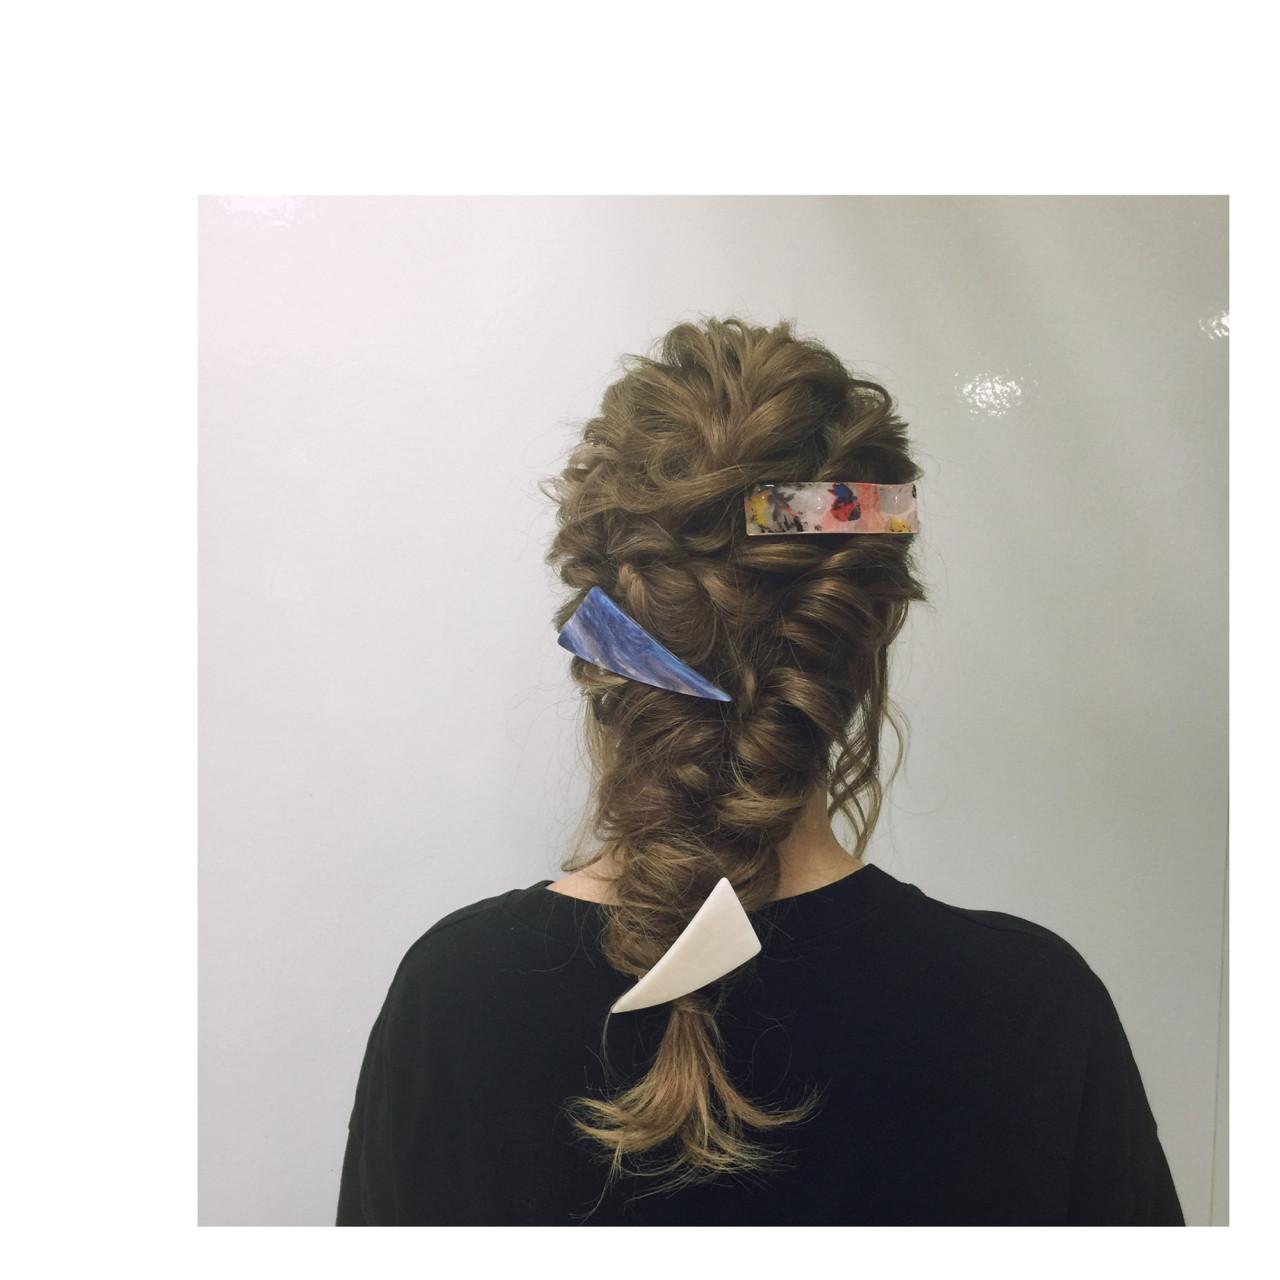 この冬はいつものスタイルにヘアアクセを+。トレンド感溢れるヘアアクセ4選!  金海きな